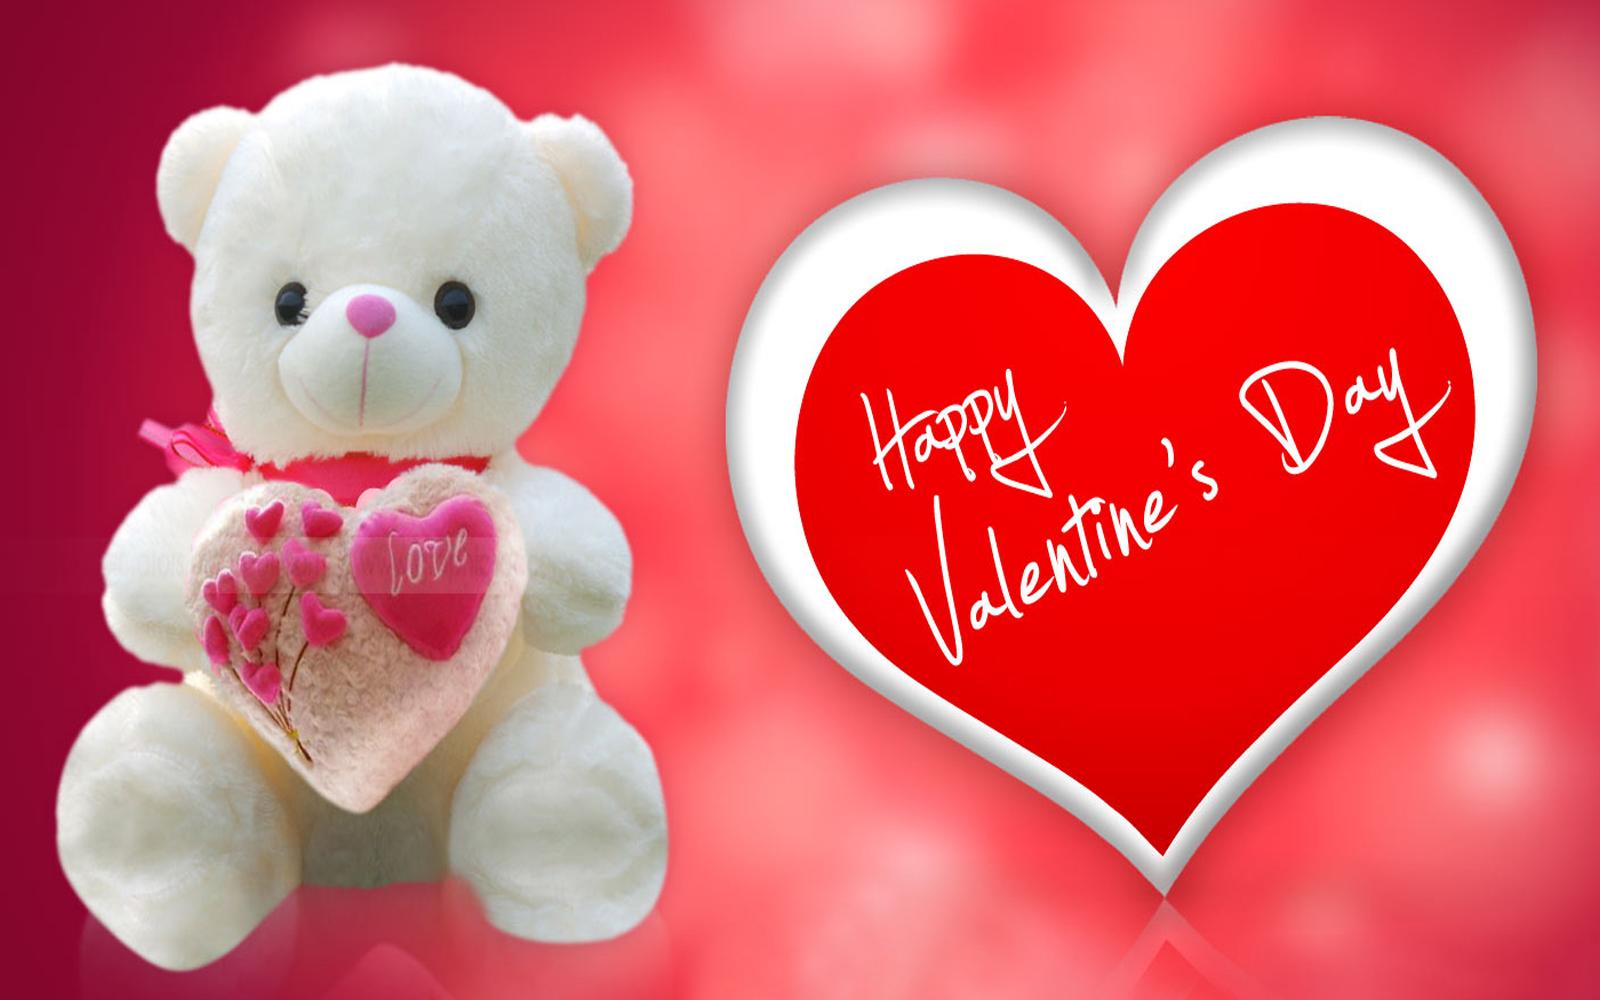 happy valentine day 2017 images - Valentine Day Wishes